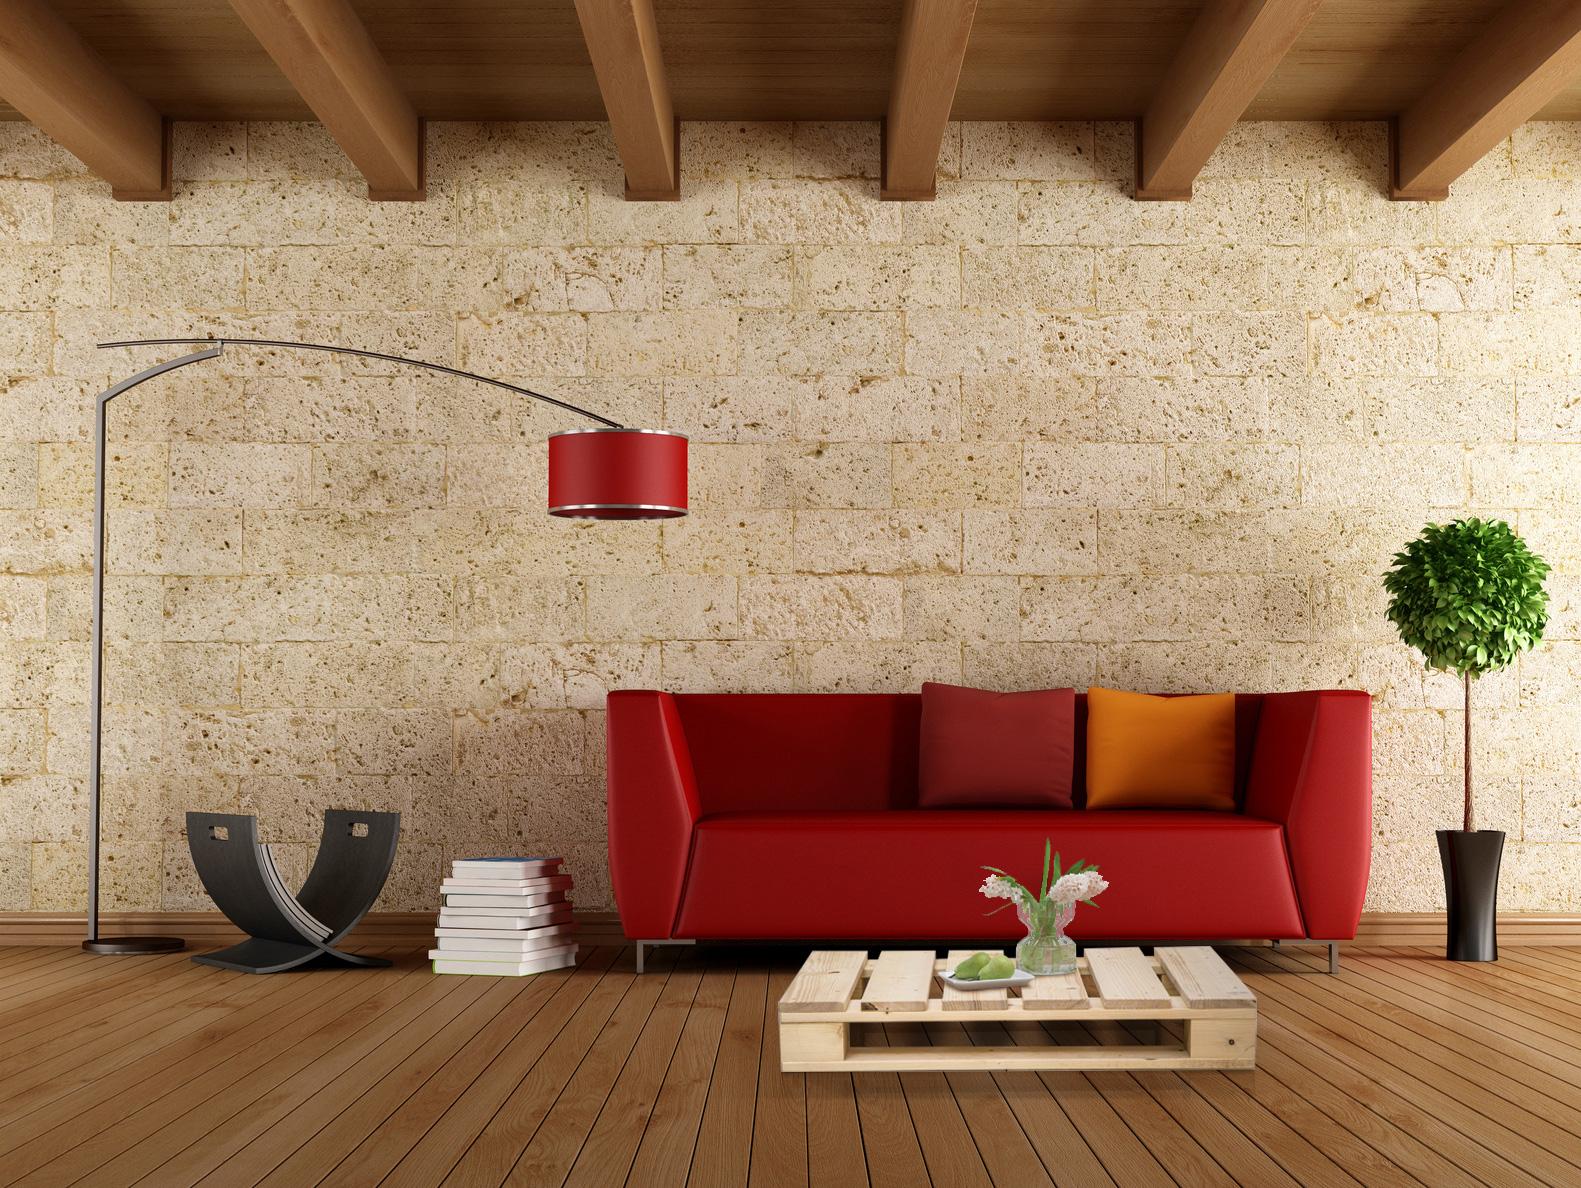 paletti couchtisch i aus paletten 60x90 cm natur. Black Bedroom Furniture Sets. Home Design Ideas